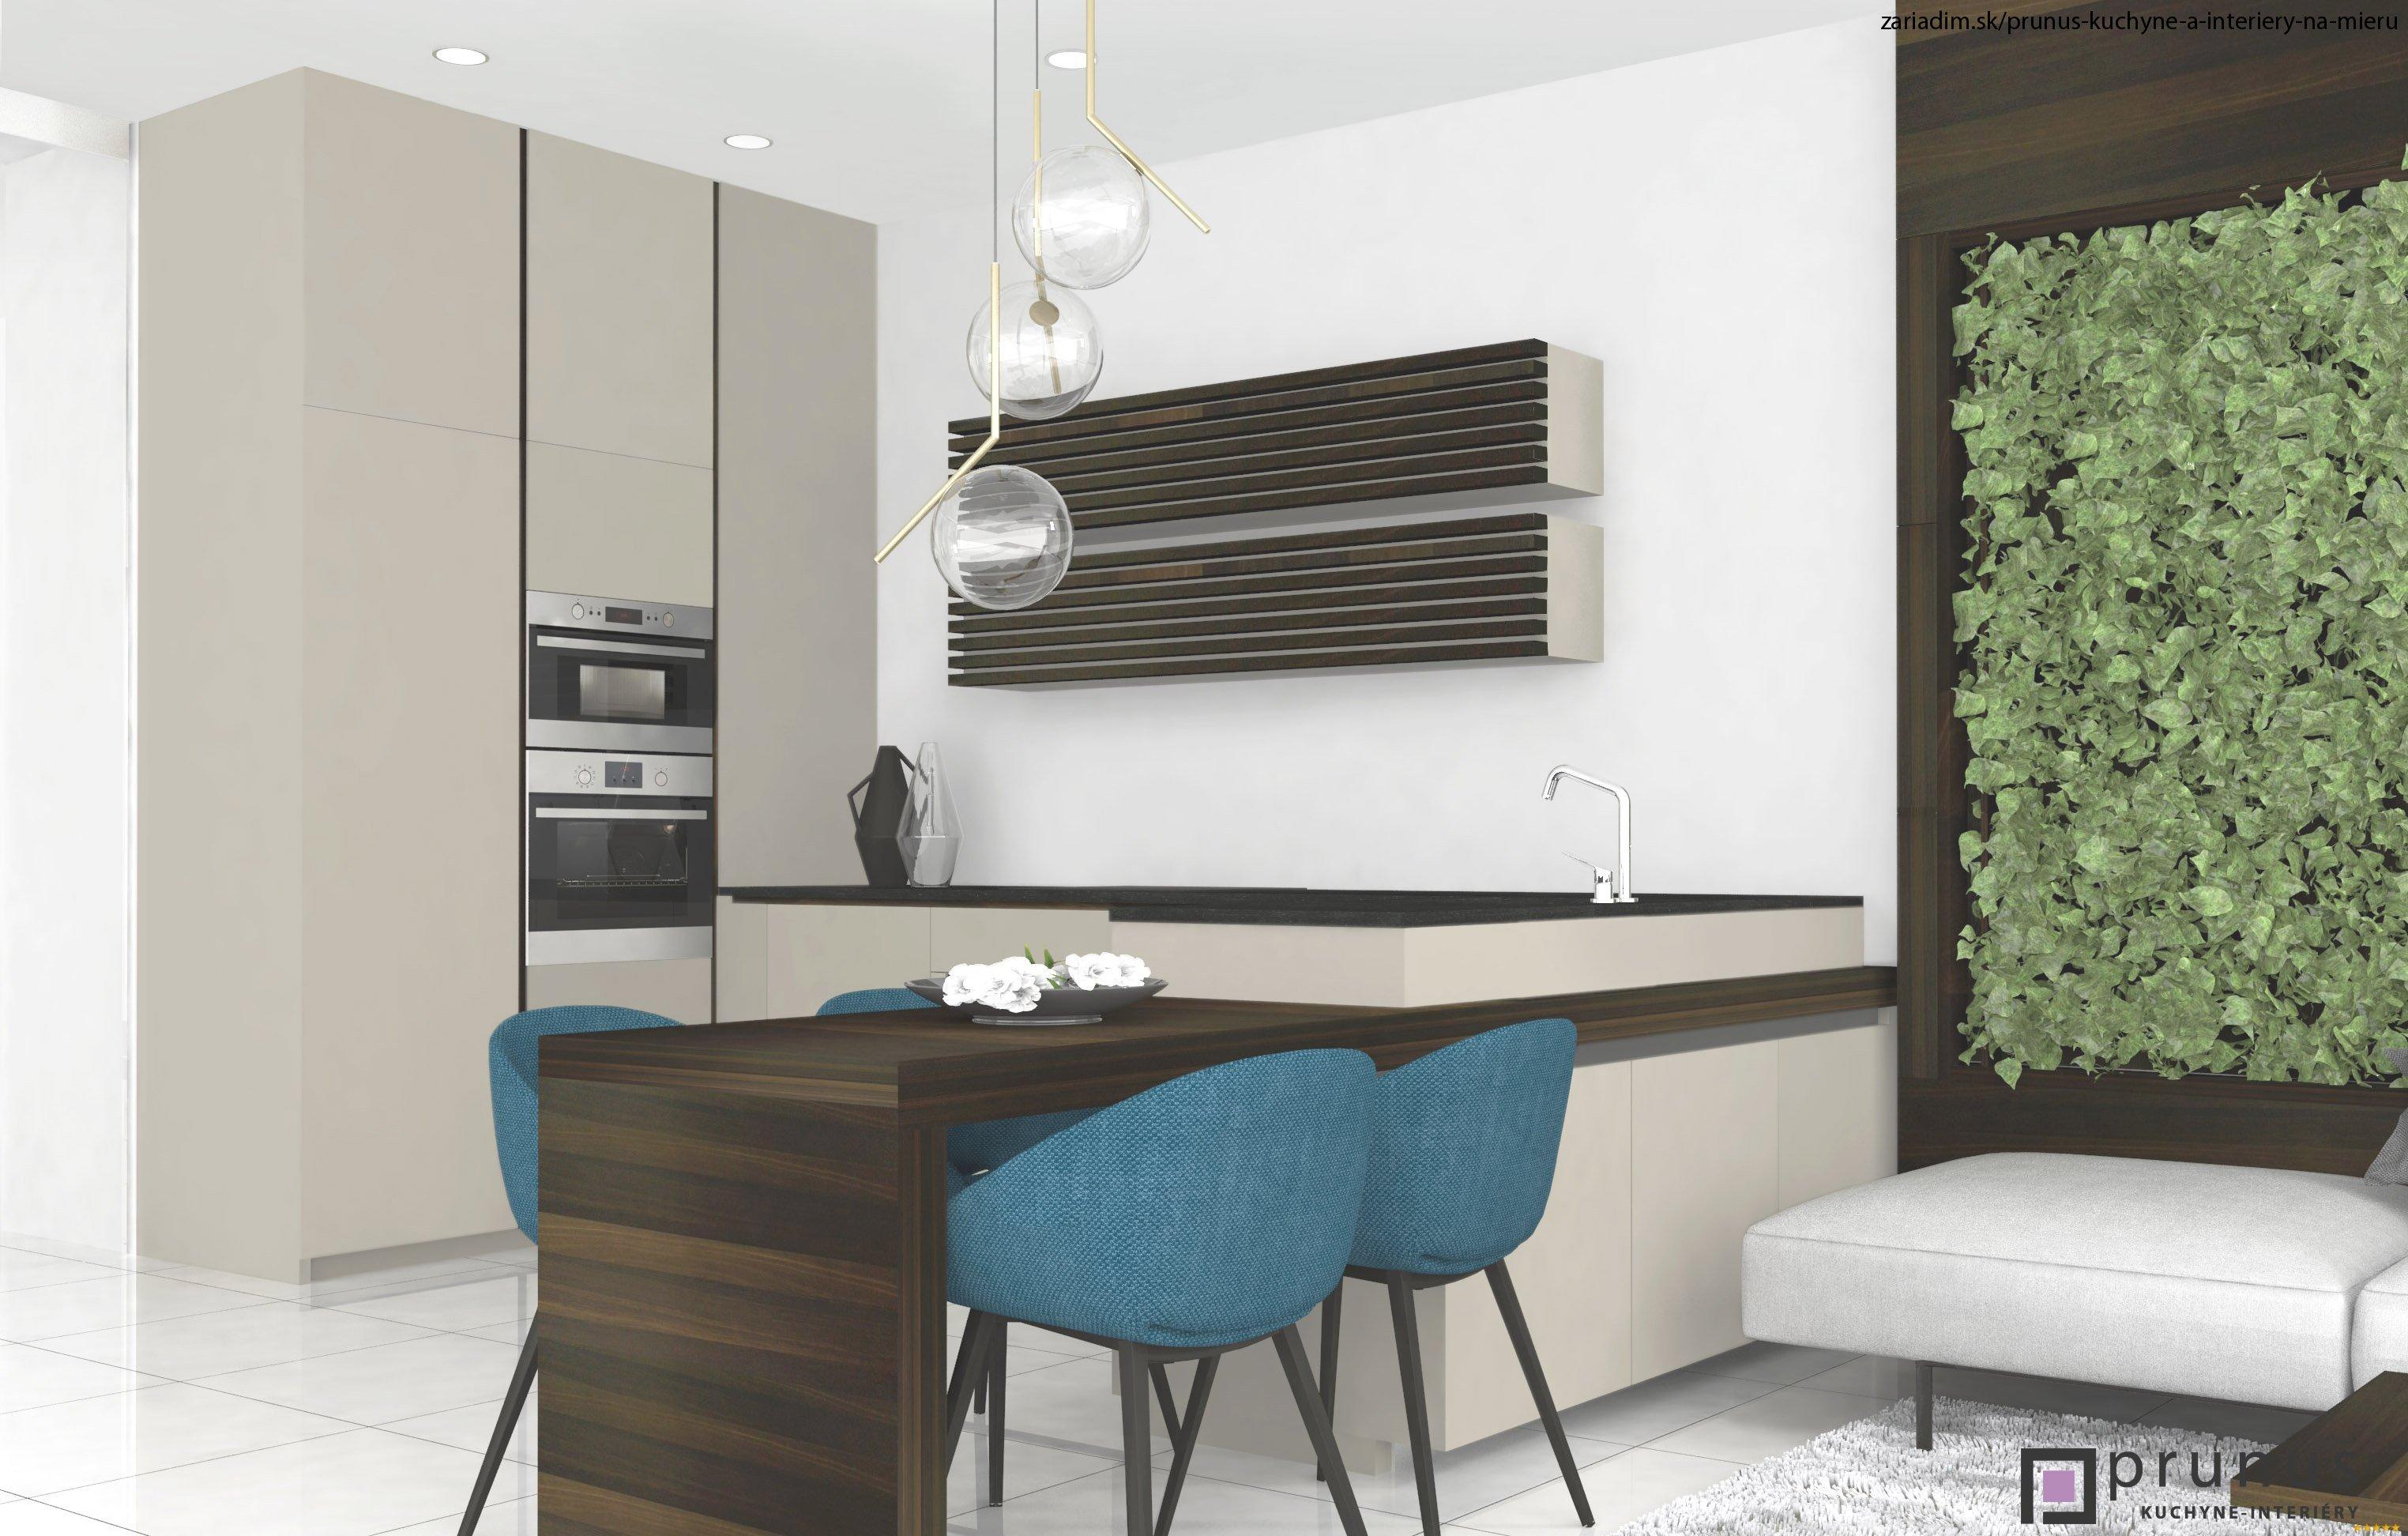 2365aded7836 Bytový dizajn - Interiérový dizajn a návrhy interiérov - bytový dizajnér I  PRUNUS štúdio +6